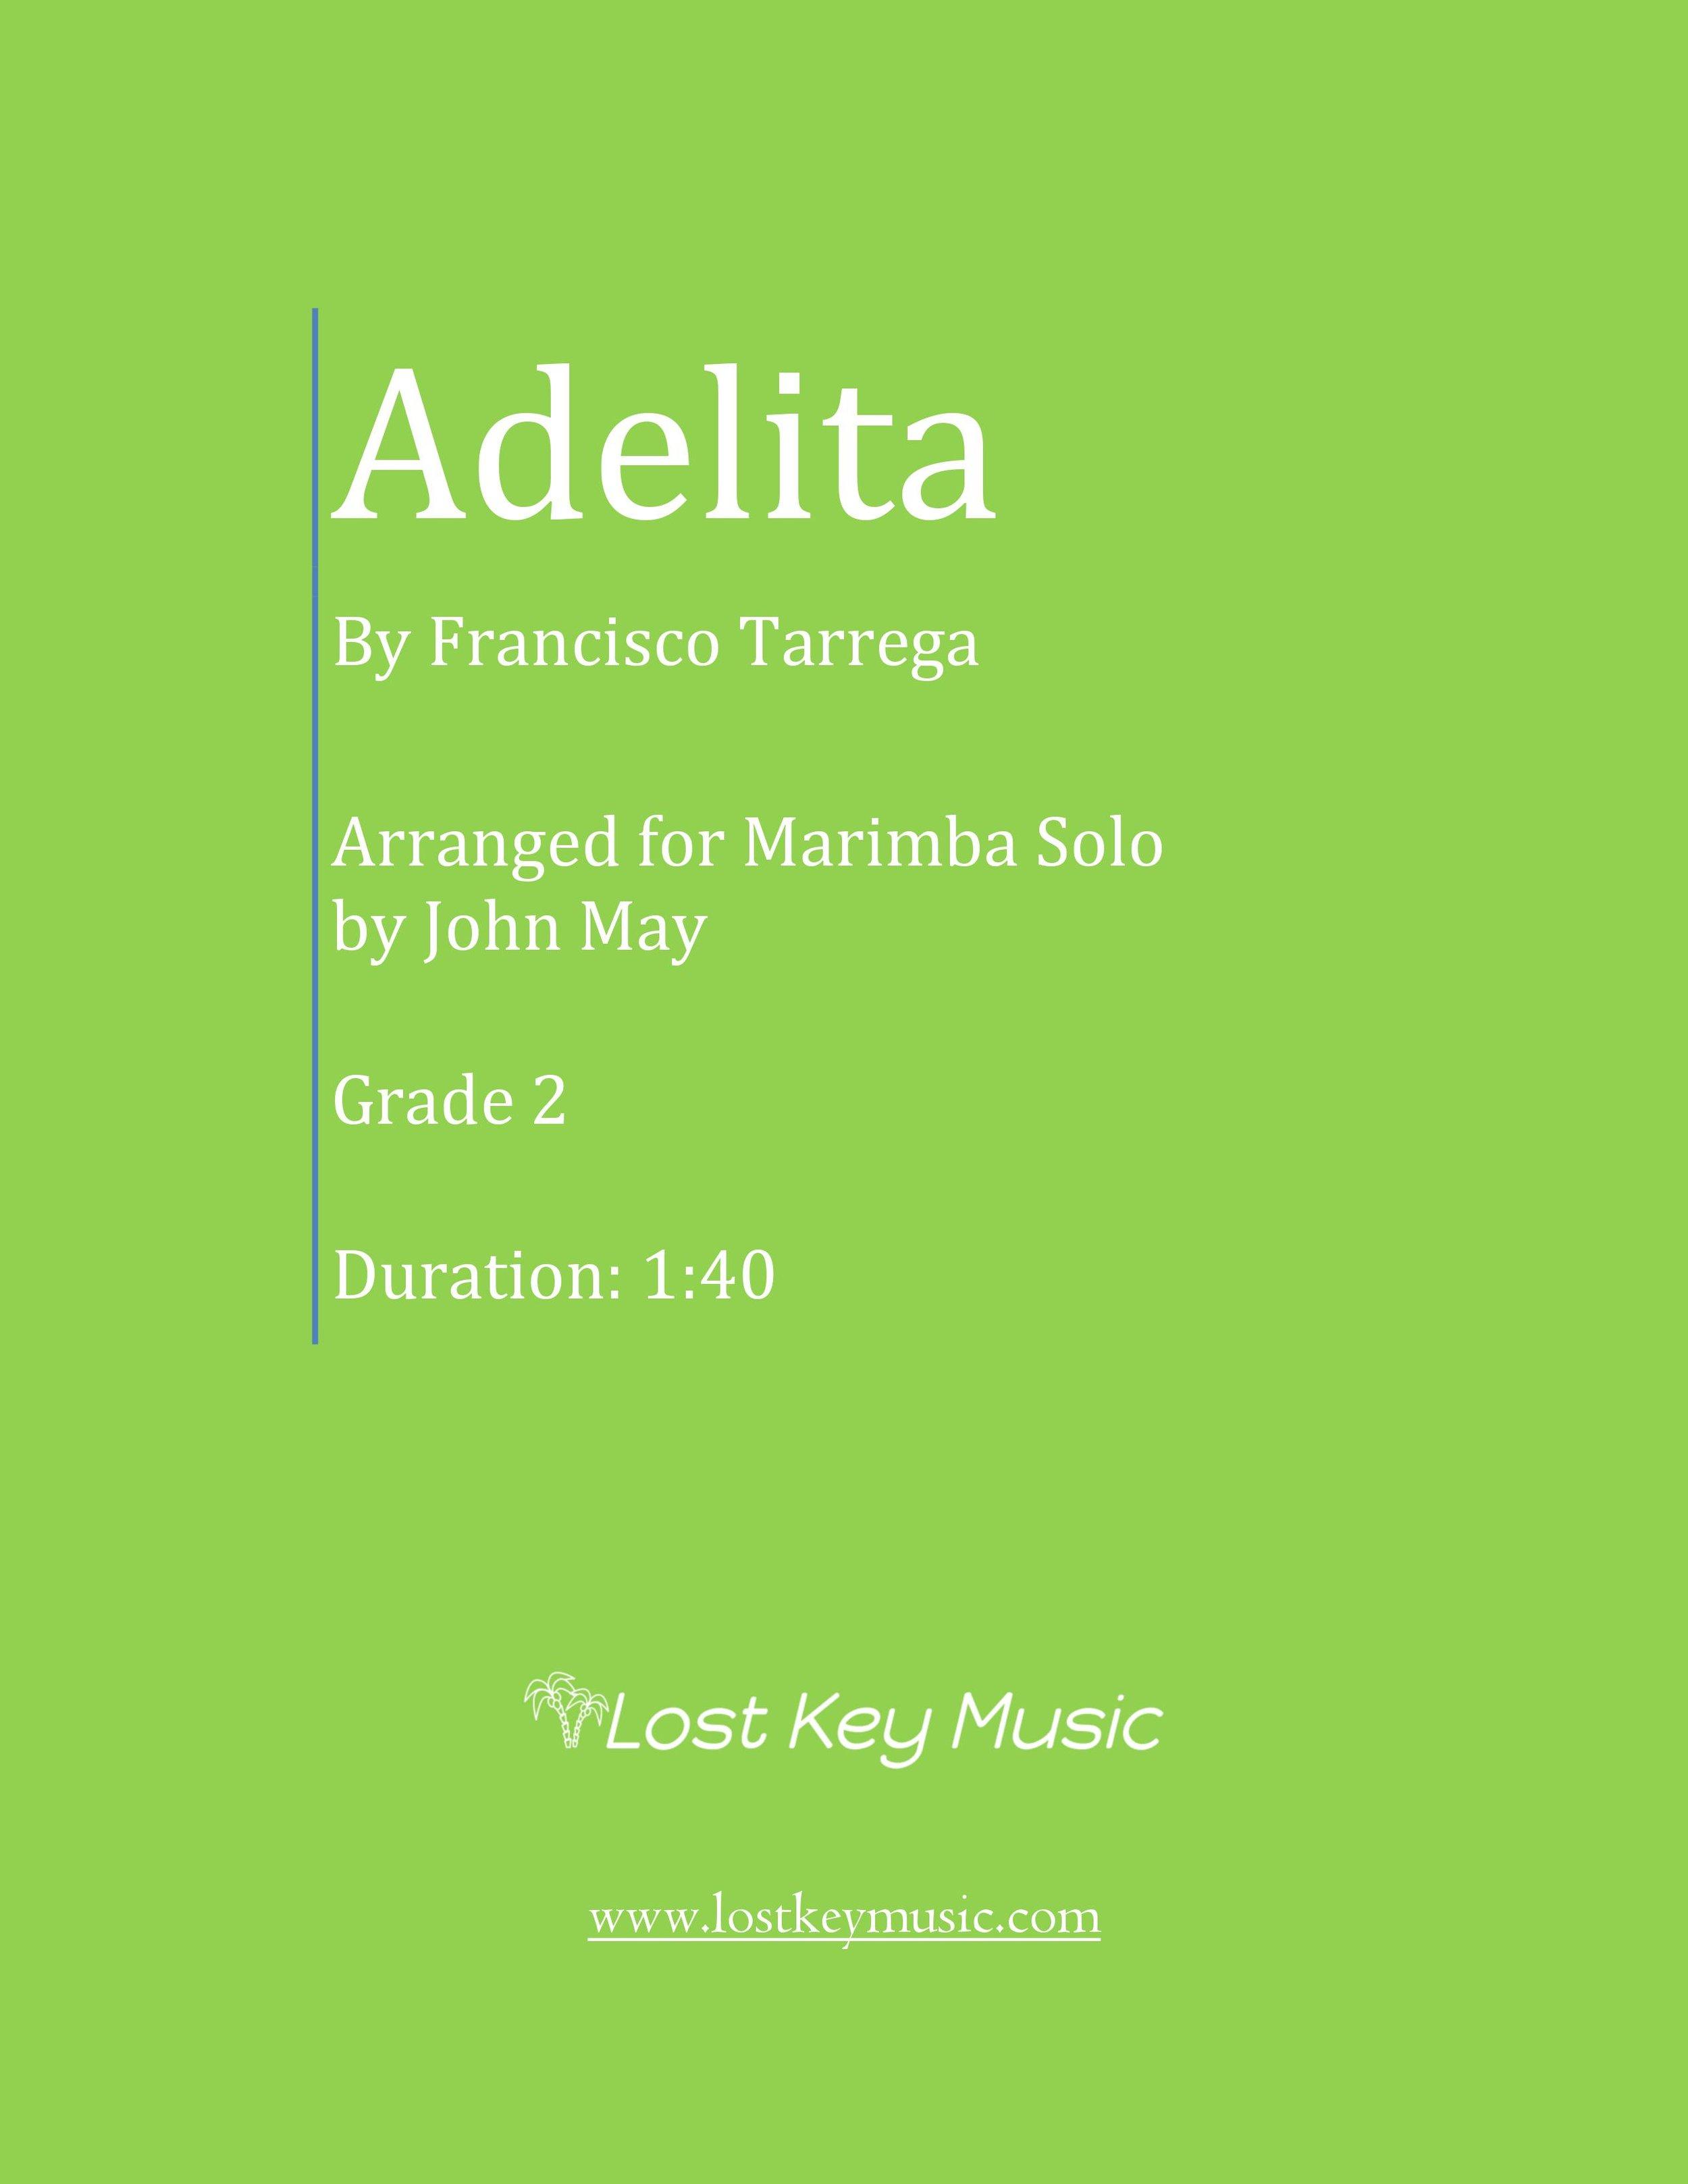 Adelita-Marimba Solo-Cover Photo.jpg